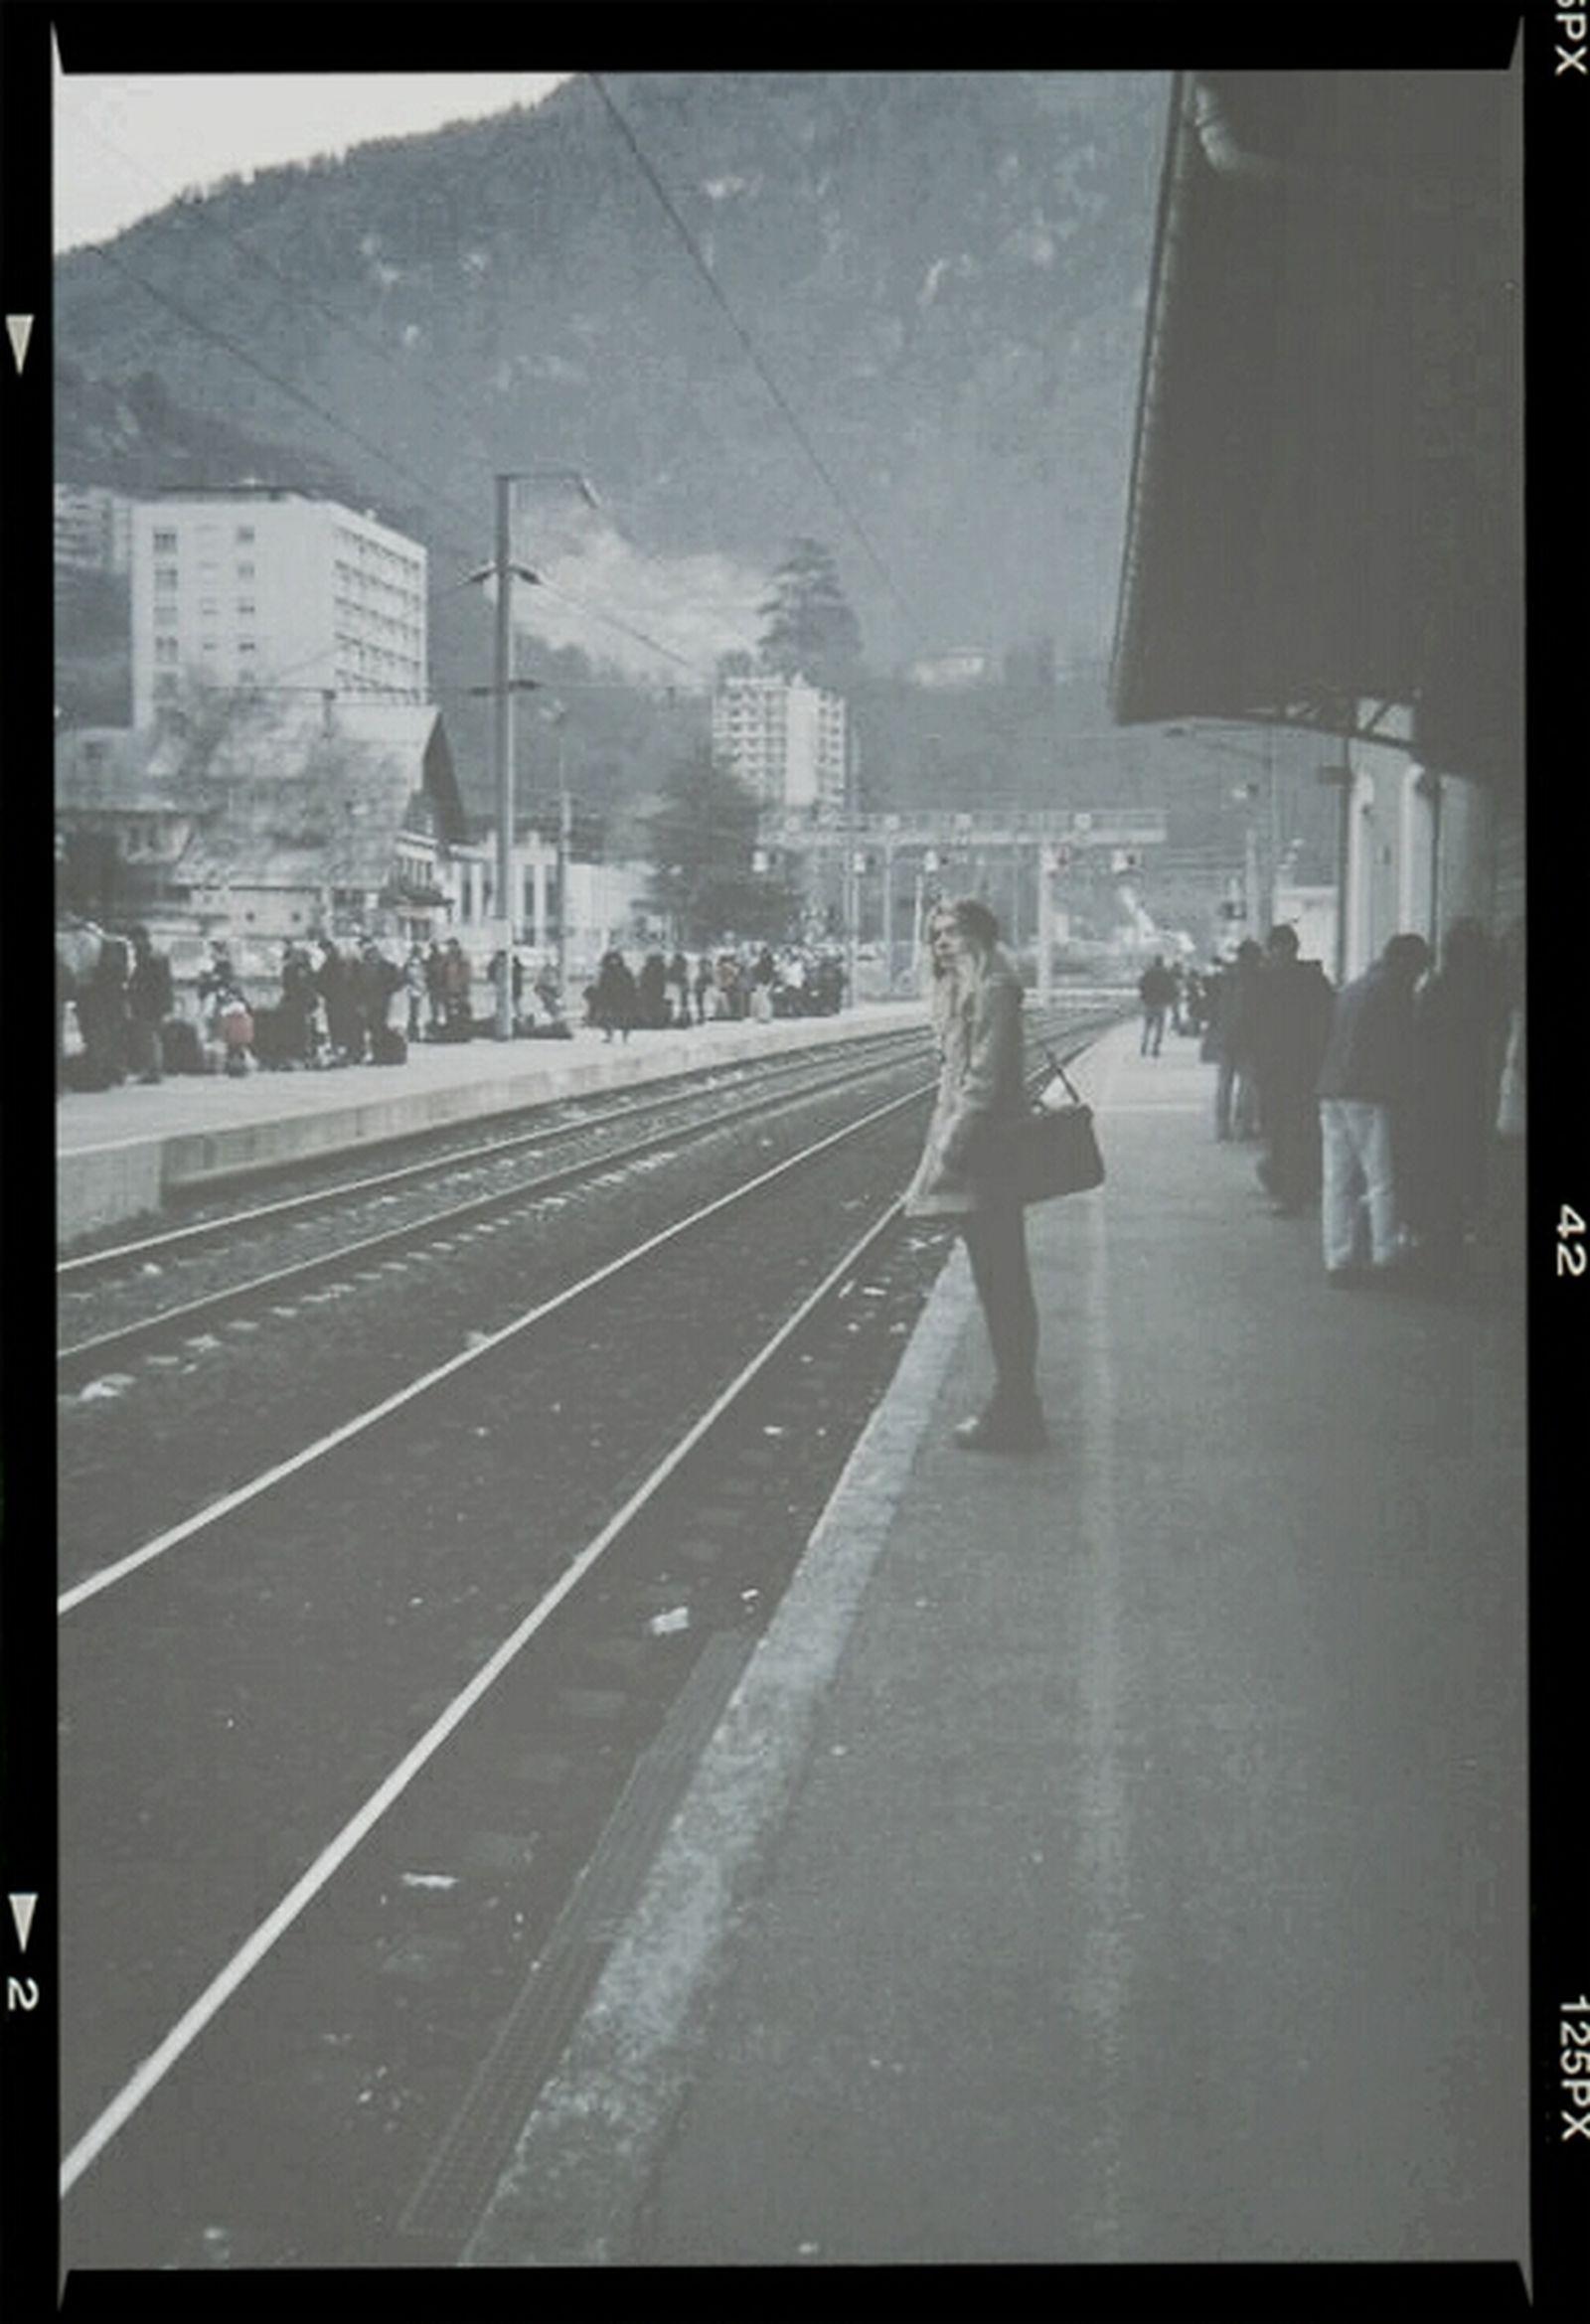 做了多少準備逃離這座城市/身邊所有的人事物/你所擁有的一切/任何值得回憶的事 砍掉重練吧。 Run A Way Leave Alone Lonely